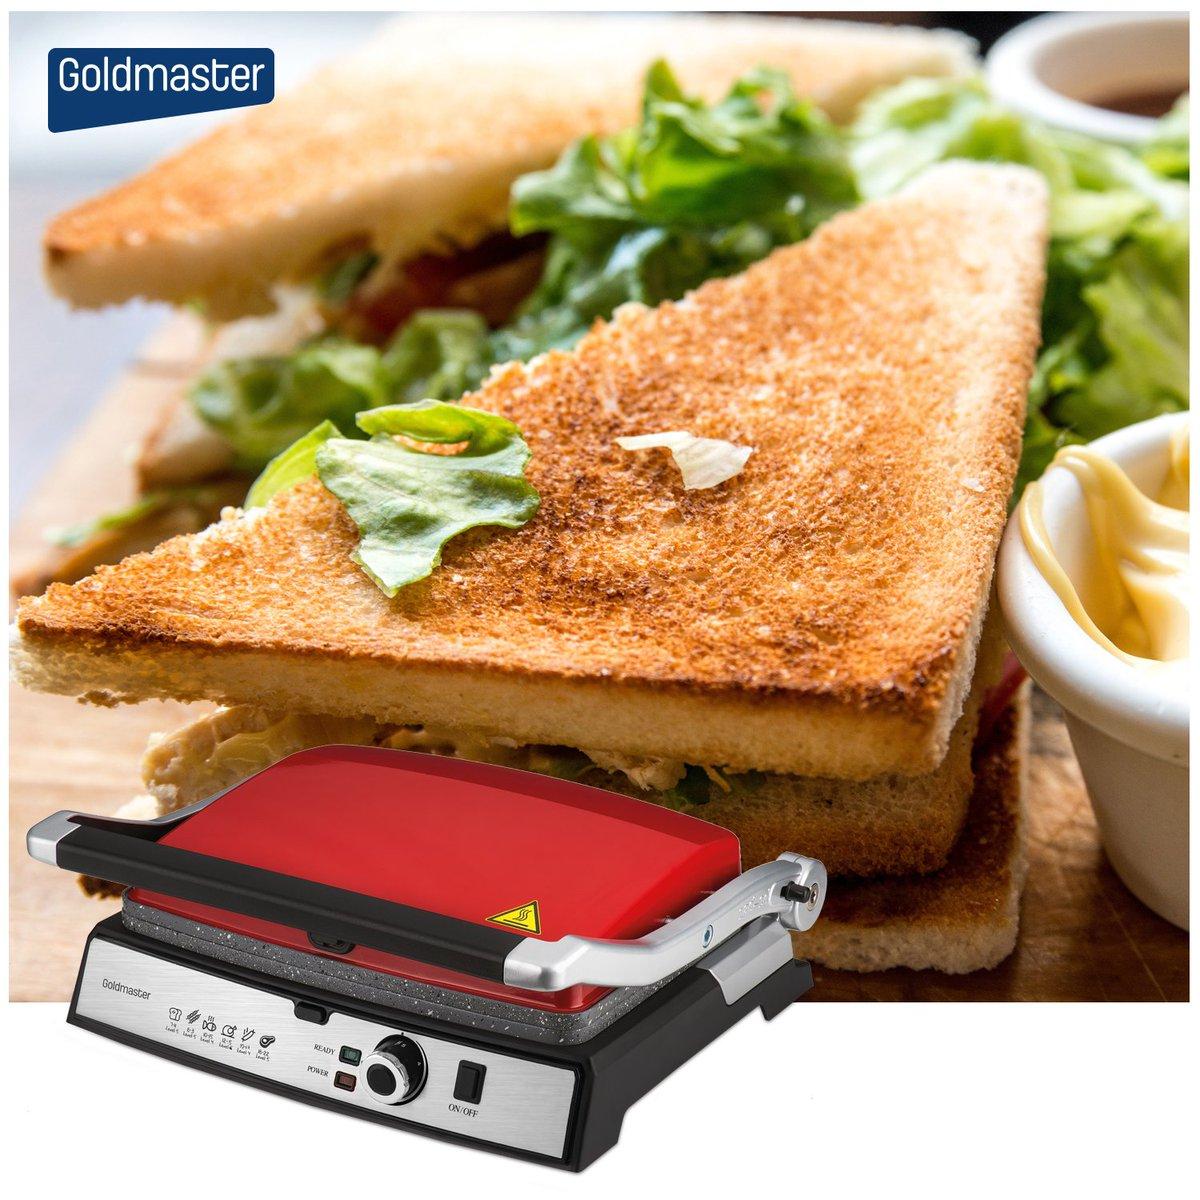 Kahvaltıda olmazsa olmazınız tost mu yoksa sandviç mi? Seçimini yoruma yaz, arkadaşını etiketle!  #goldmaster #tost #tostmix #sandviç #kahvaltı #sabah #morning #küçükevaletleri #kucukevaletleri #etiket #kampanya #indirim #fırsat #campaing #sale#köfte #meatball https://t.co/b9EuNyWWnY